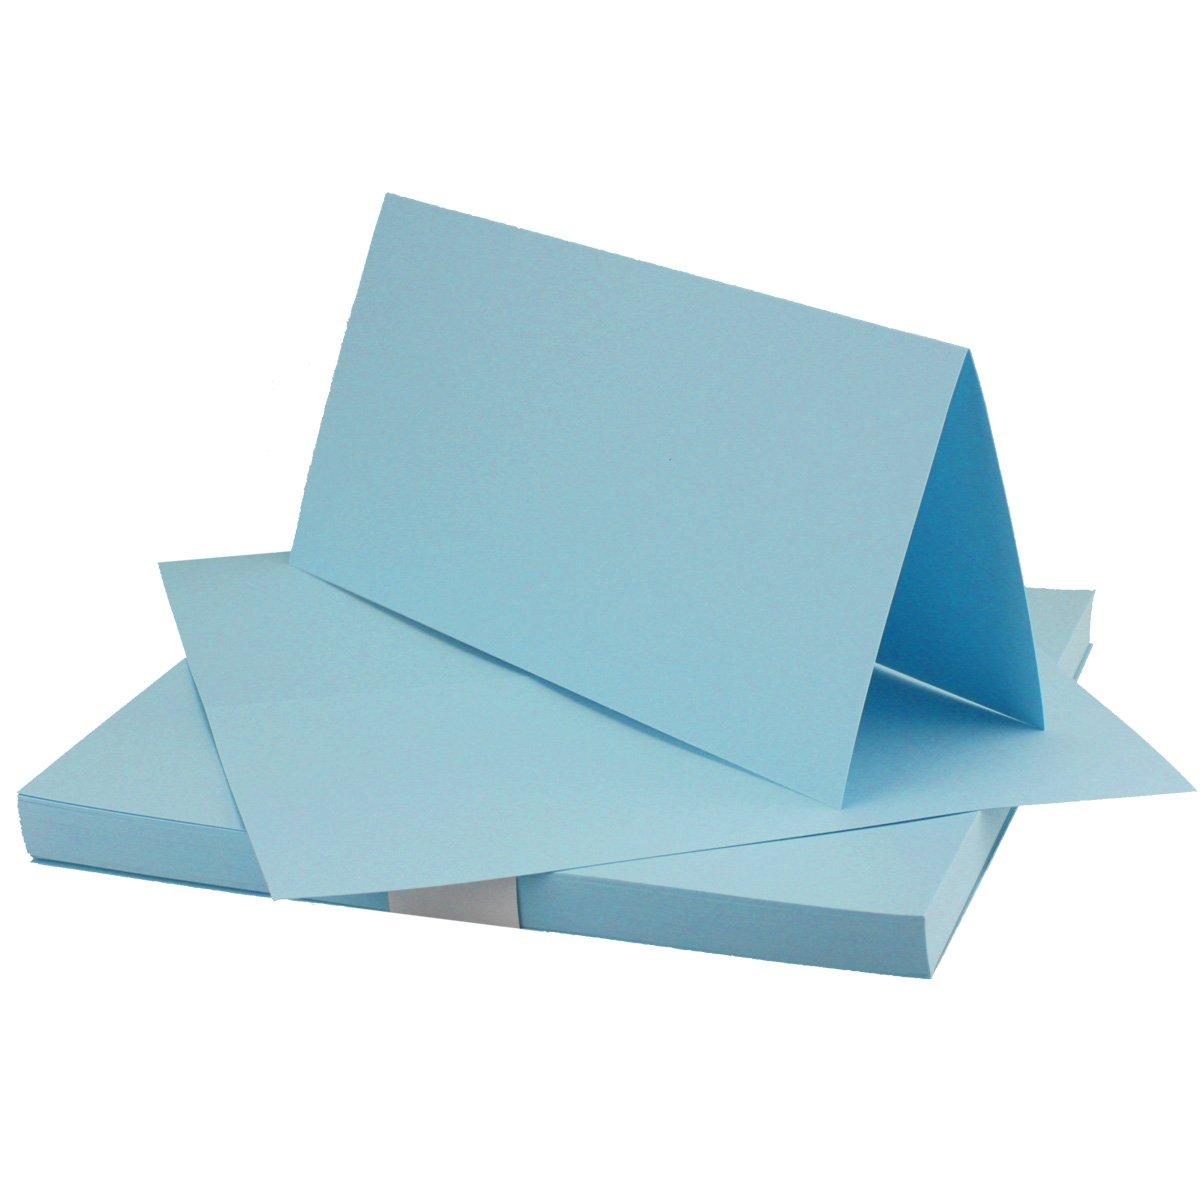 700 Faltkarten Din Lang - Hellgrau - Premium Qualität - 10,5 x 21 cm - Sehr formstabil - für Drucker Geeignet  - Qualitätsmarke  NEUSER FarbenFroh B07FKT98YD | Verschiedene Arten und Stile